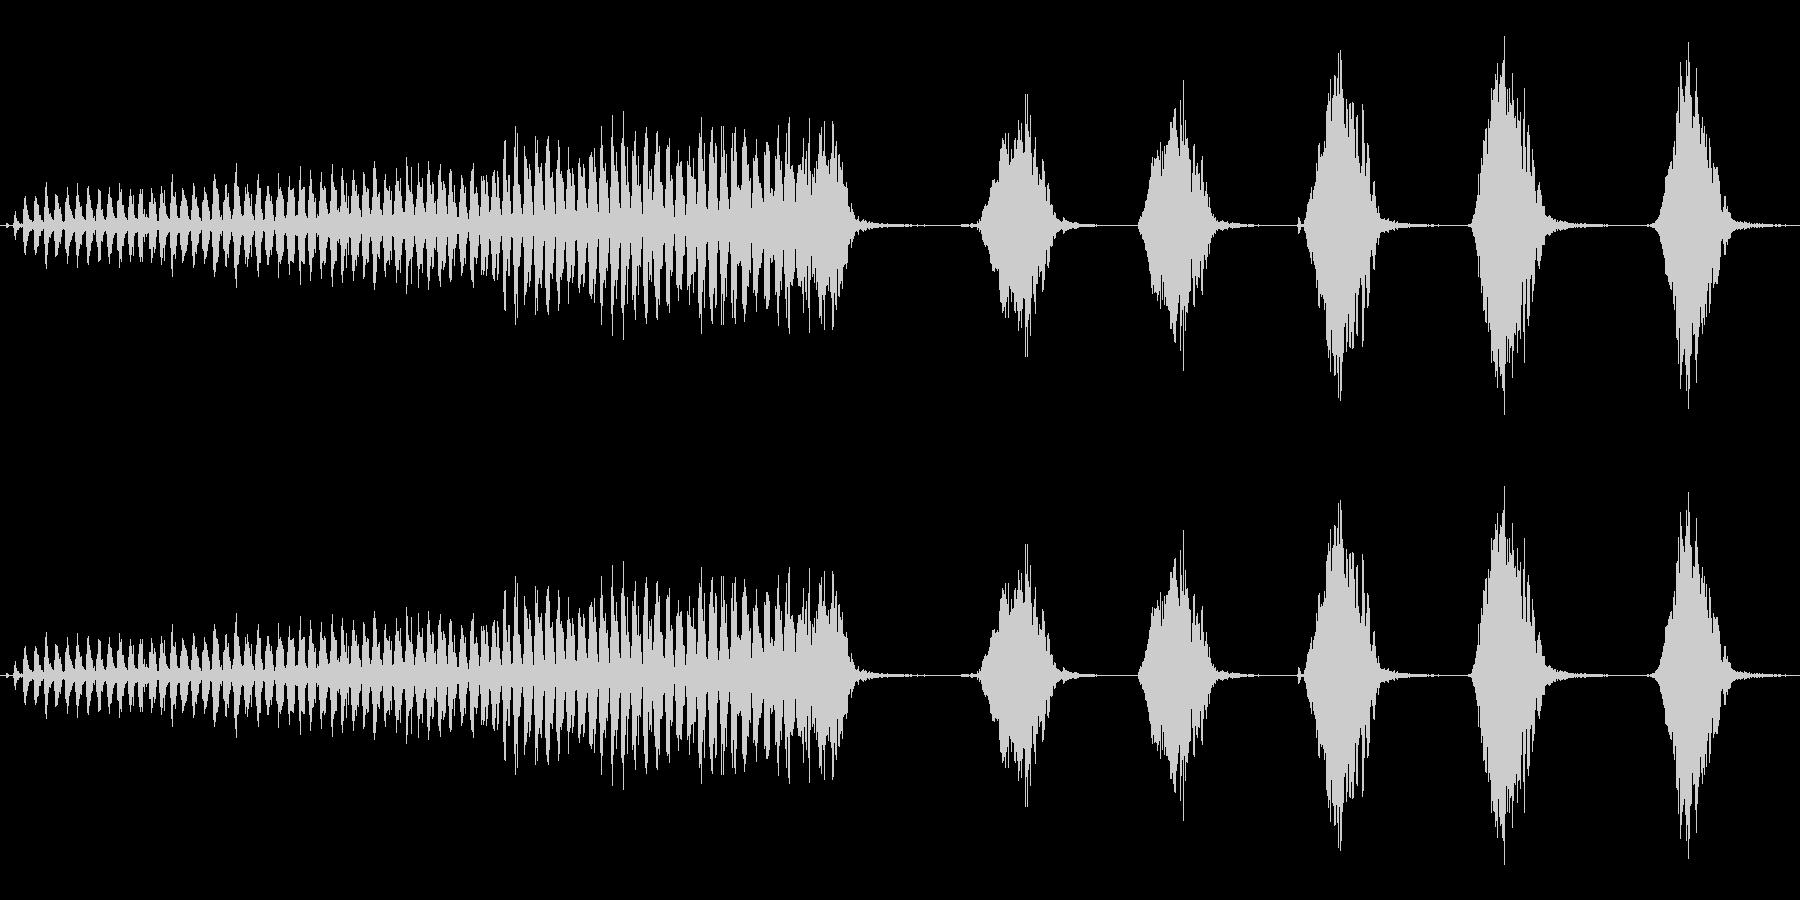 オナガの鳴き声(ブルーの体色のカラス)の未再生の波形